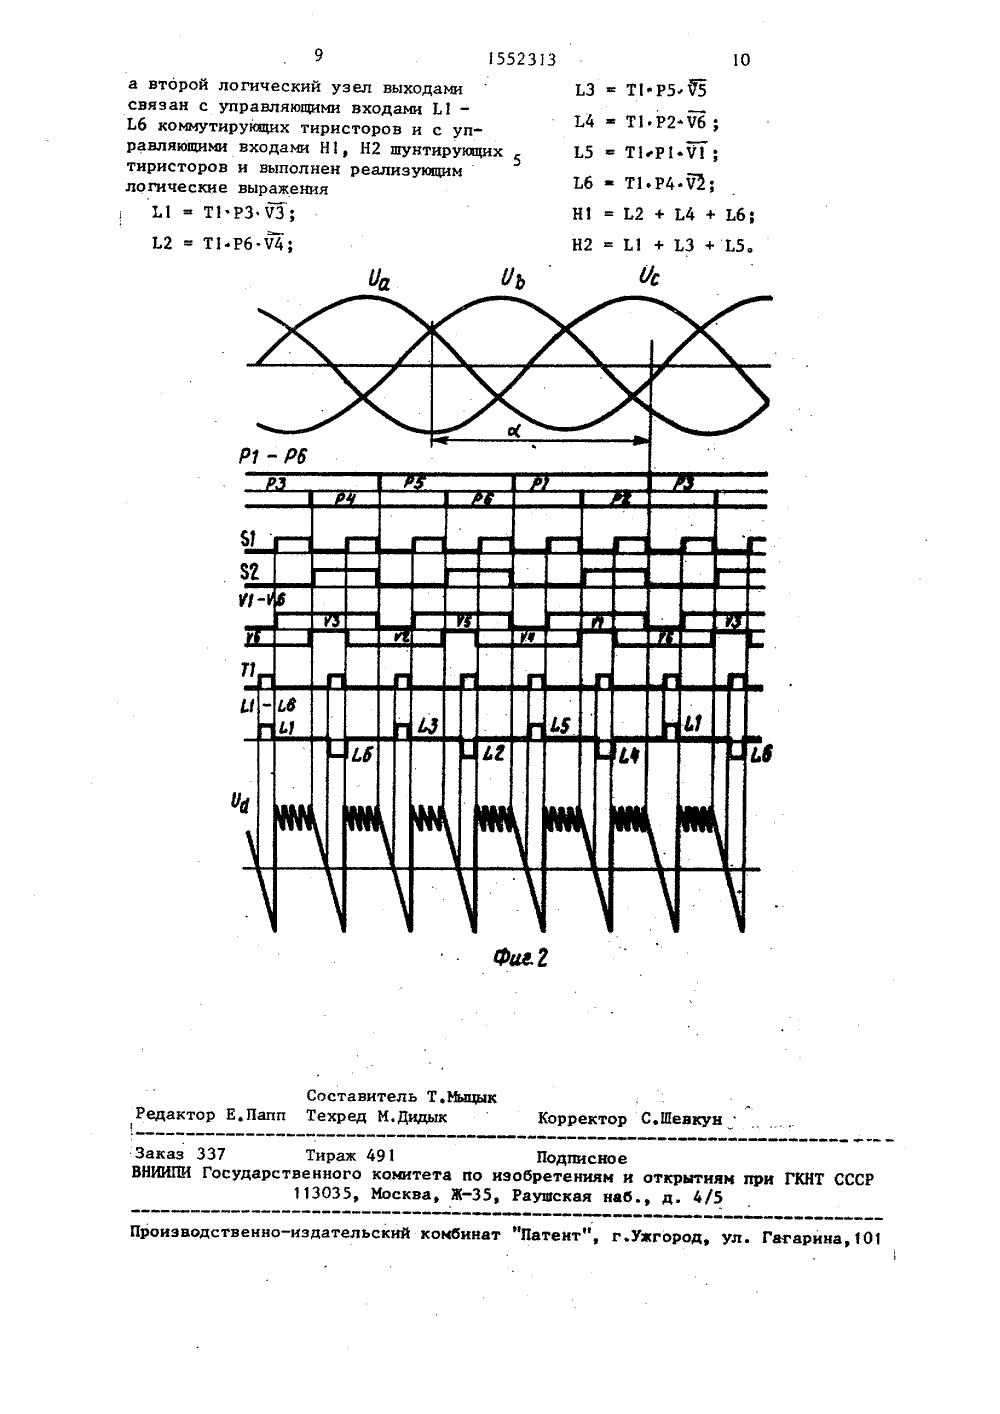 датчик обратной связи б2р схема